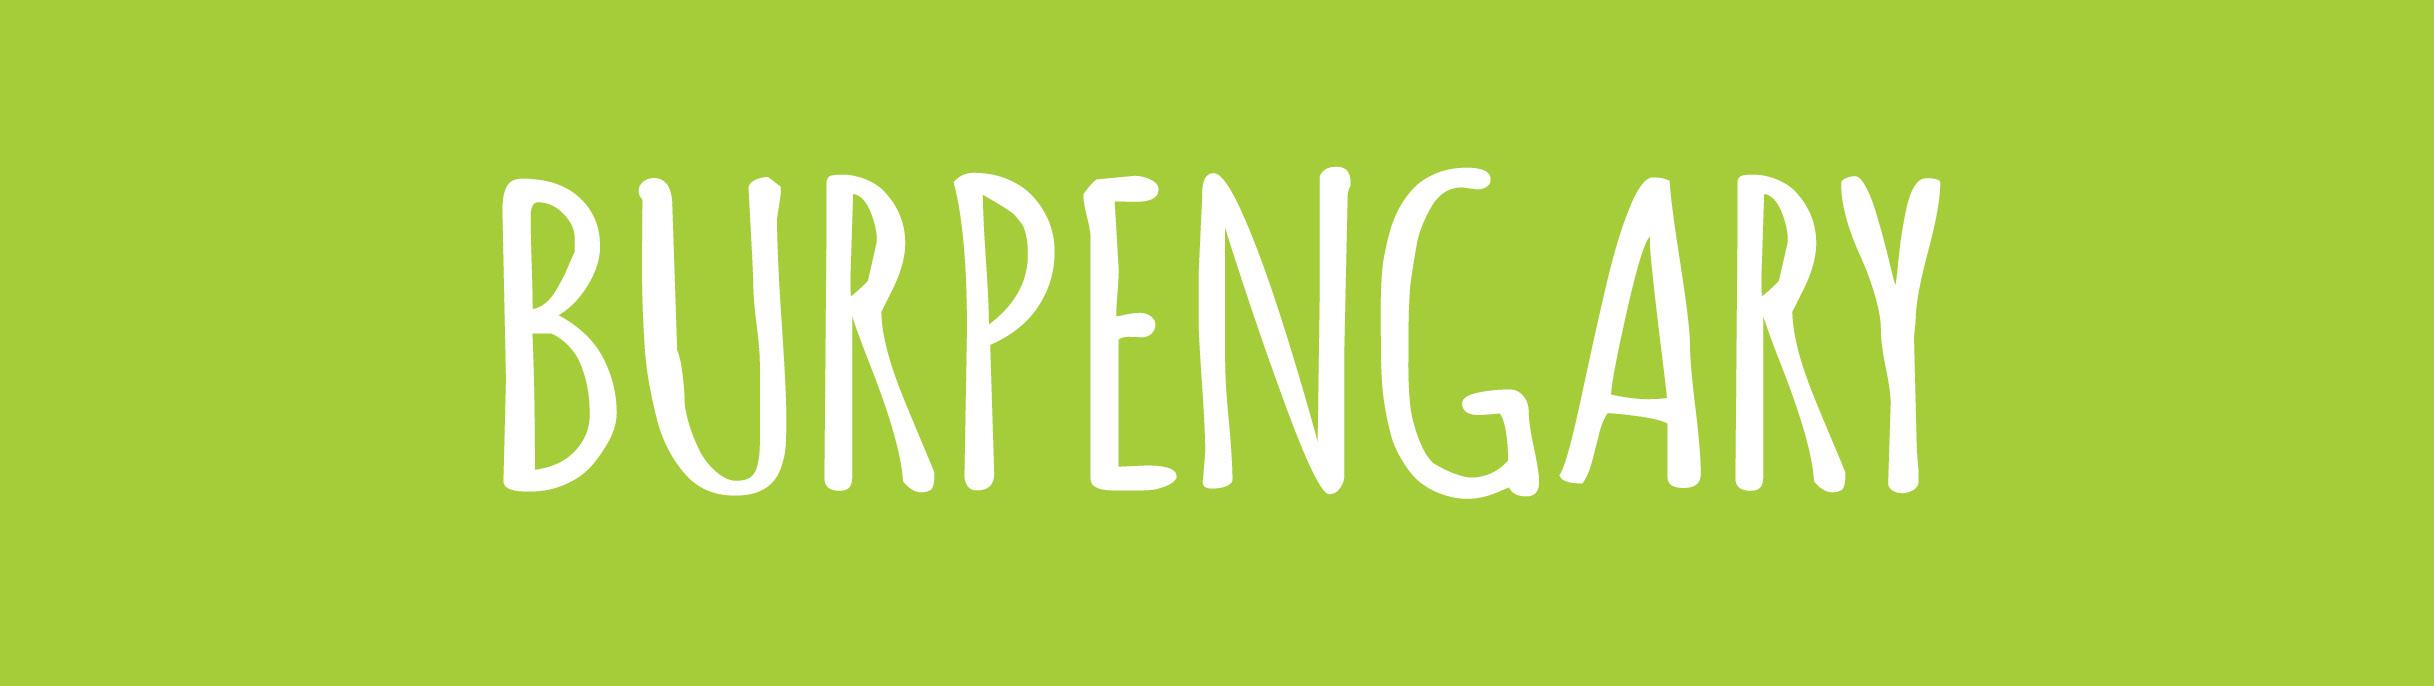 burpengary-service